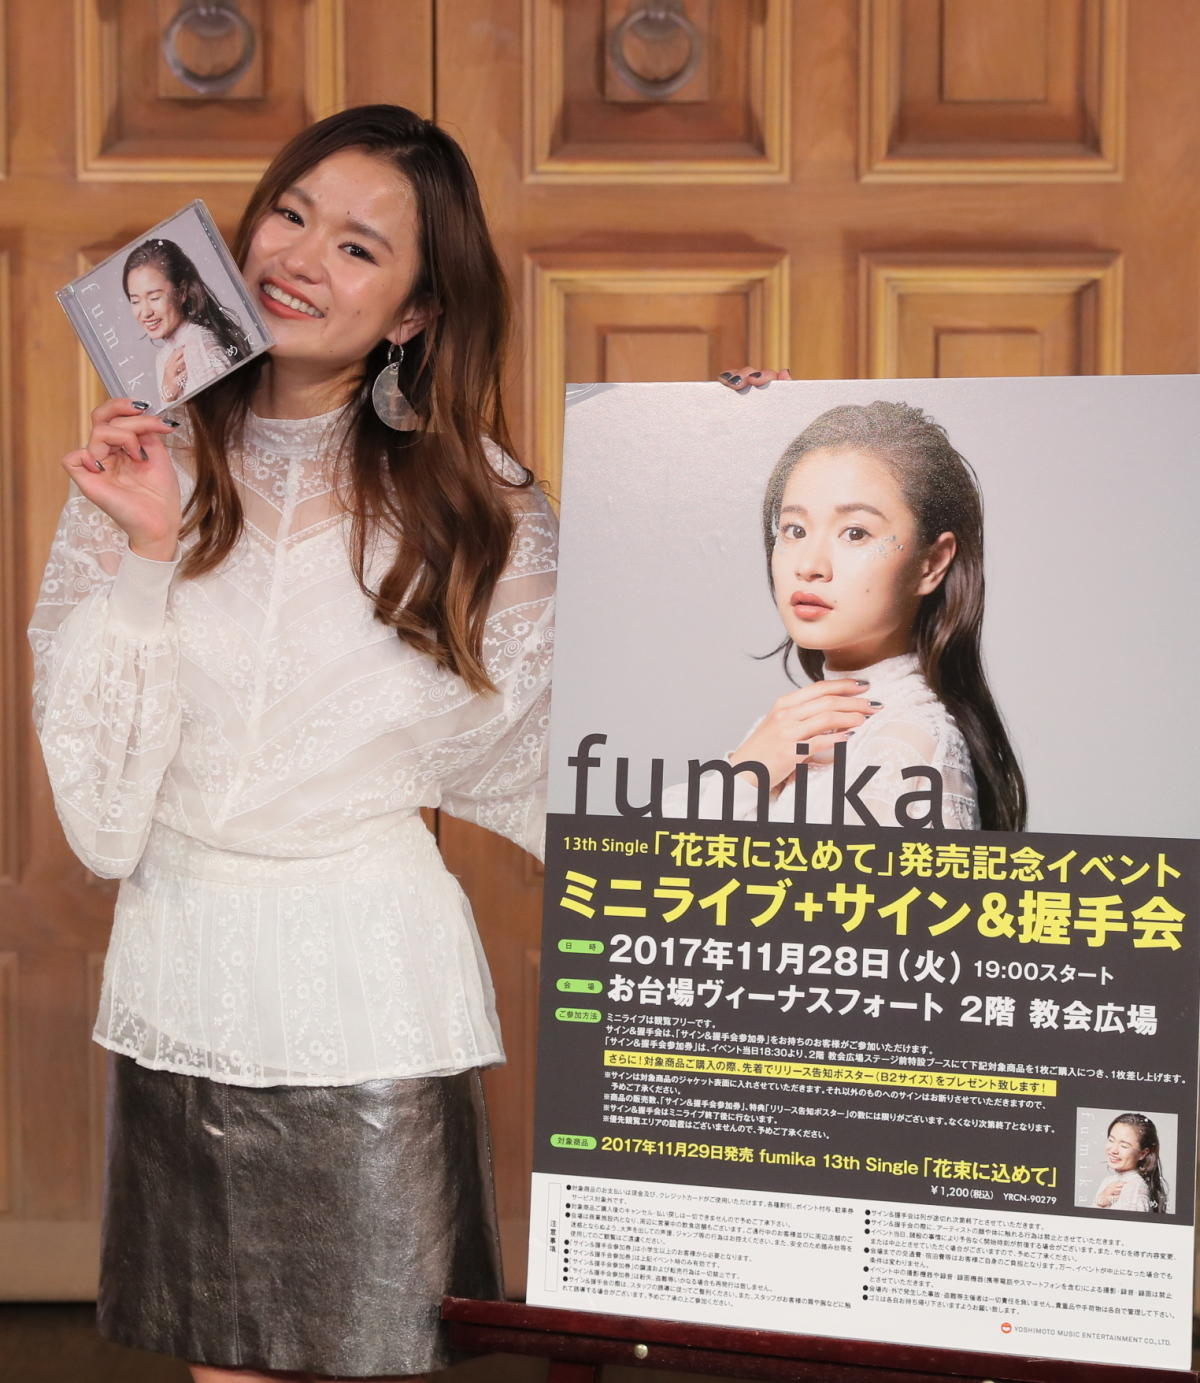 http://news.yoshimoto.co.jp/20171128234421-b07744b0897955603a6ad145dec962118eb4874e.jpg